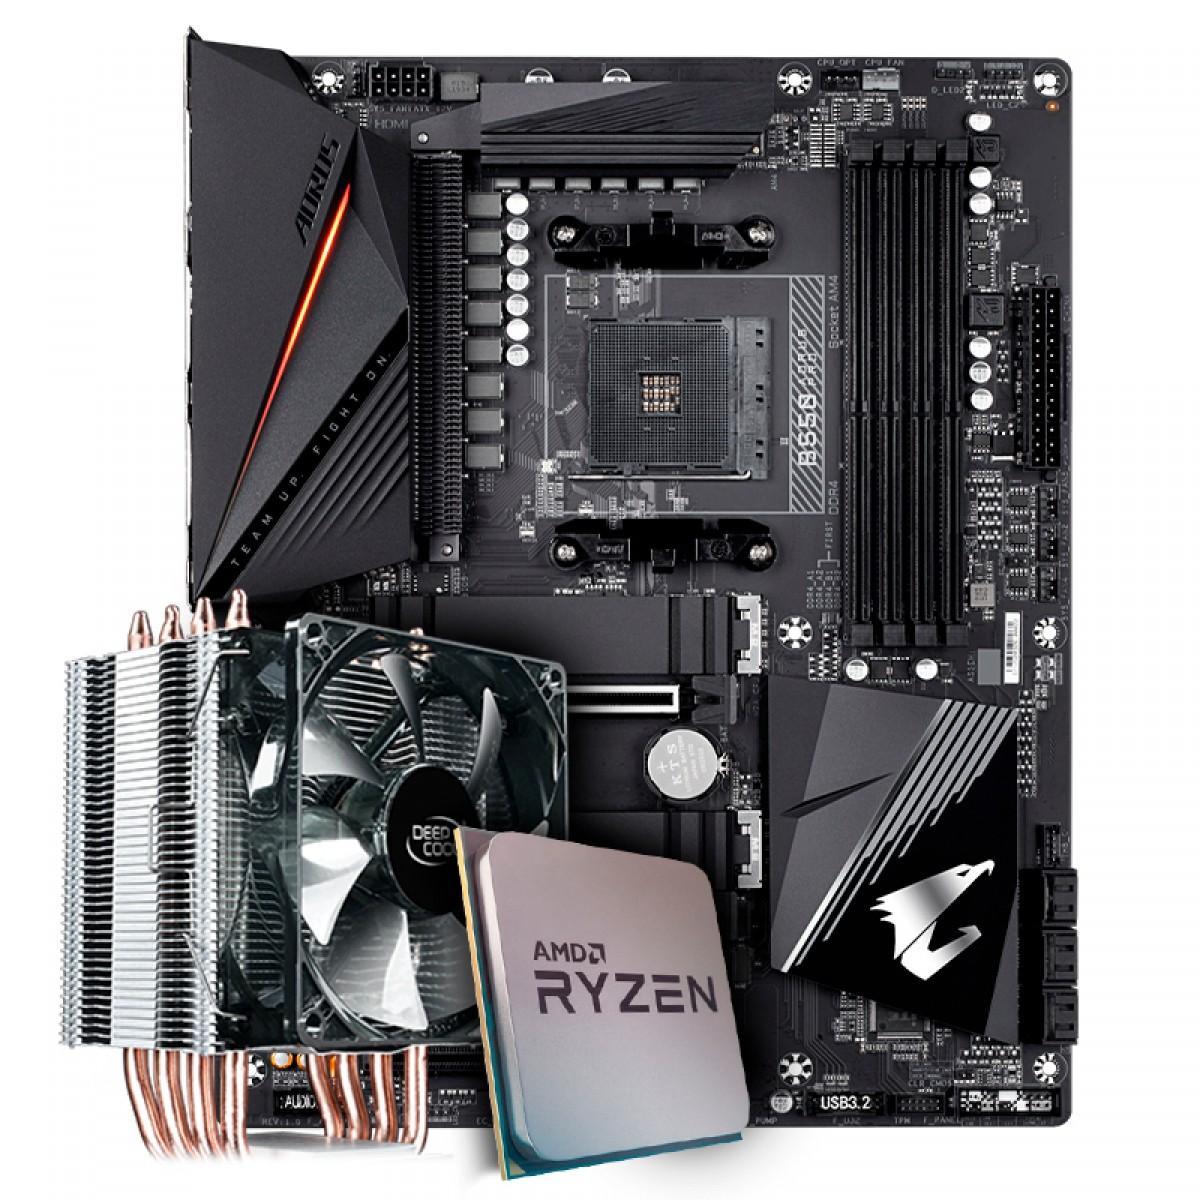 Kit Upgrade Placa Mãe Gigabyte B550 Aorus Pro AMD AM4 + Processador AMD Ryzen 7 3800x 3.9GHz + Cooler Deepcool Gammaxx